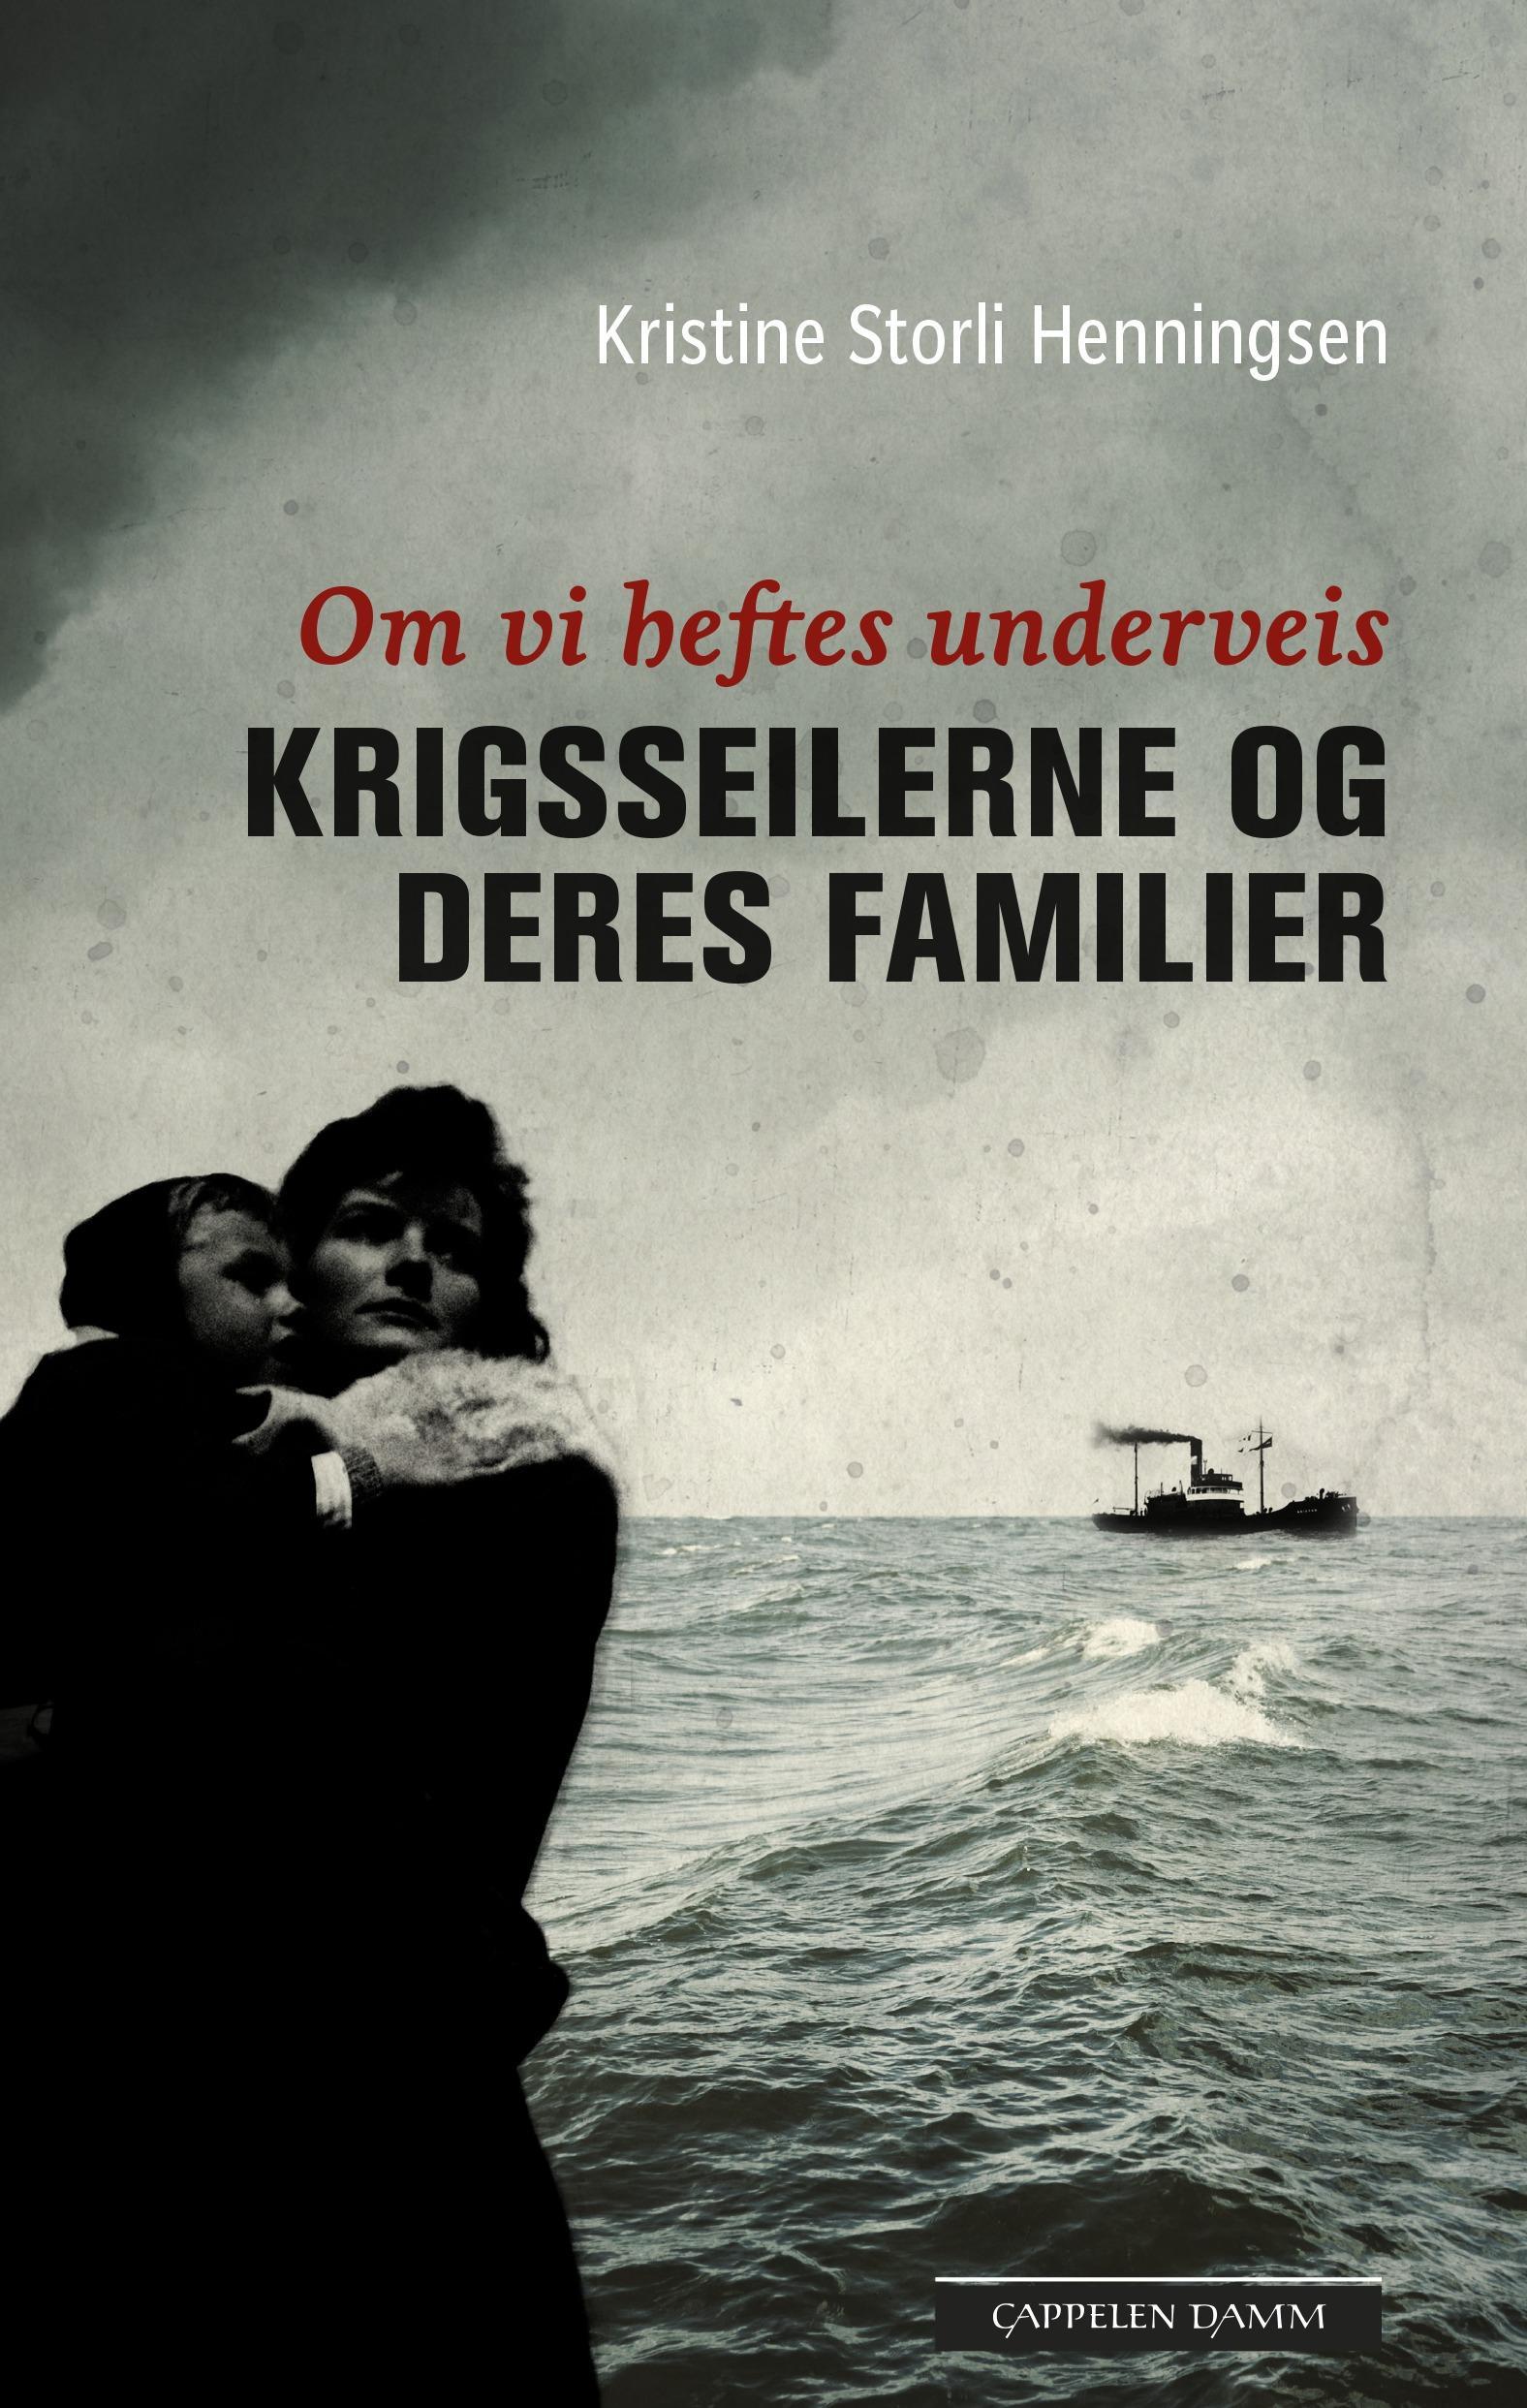 """""""Om vi heftes underveis - krigsseilerne og deres familier"""" av Kristine Storli Henningsen"""